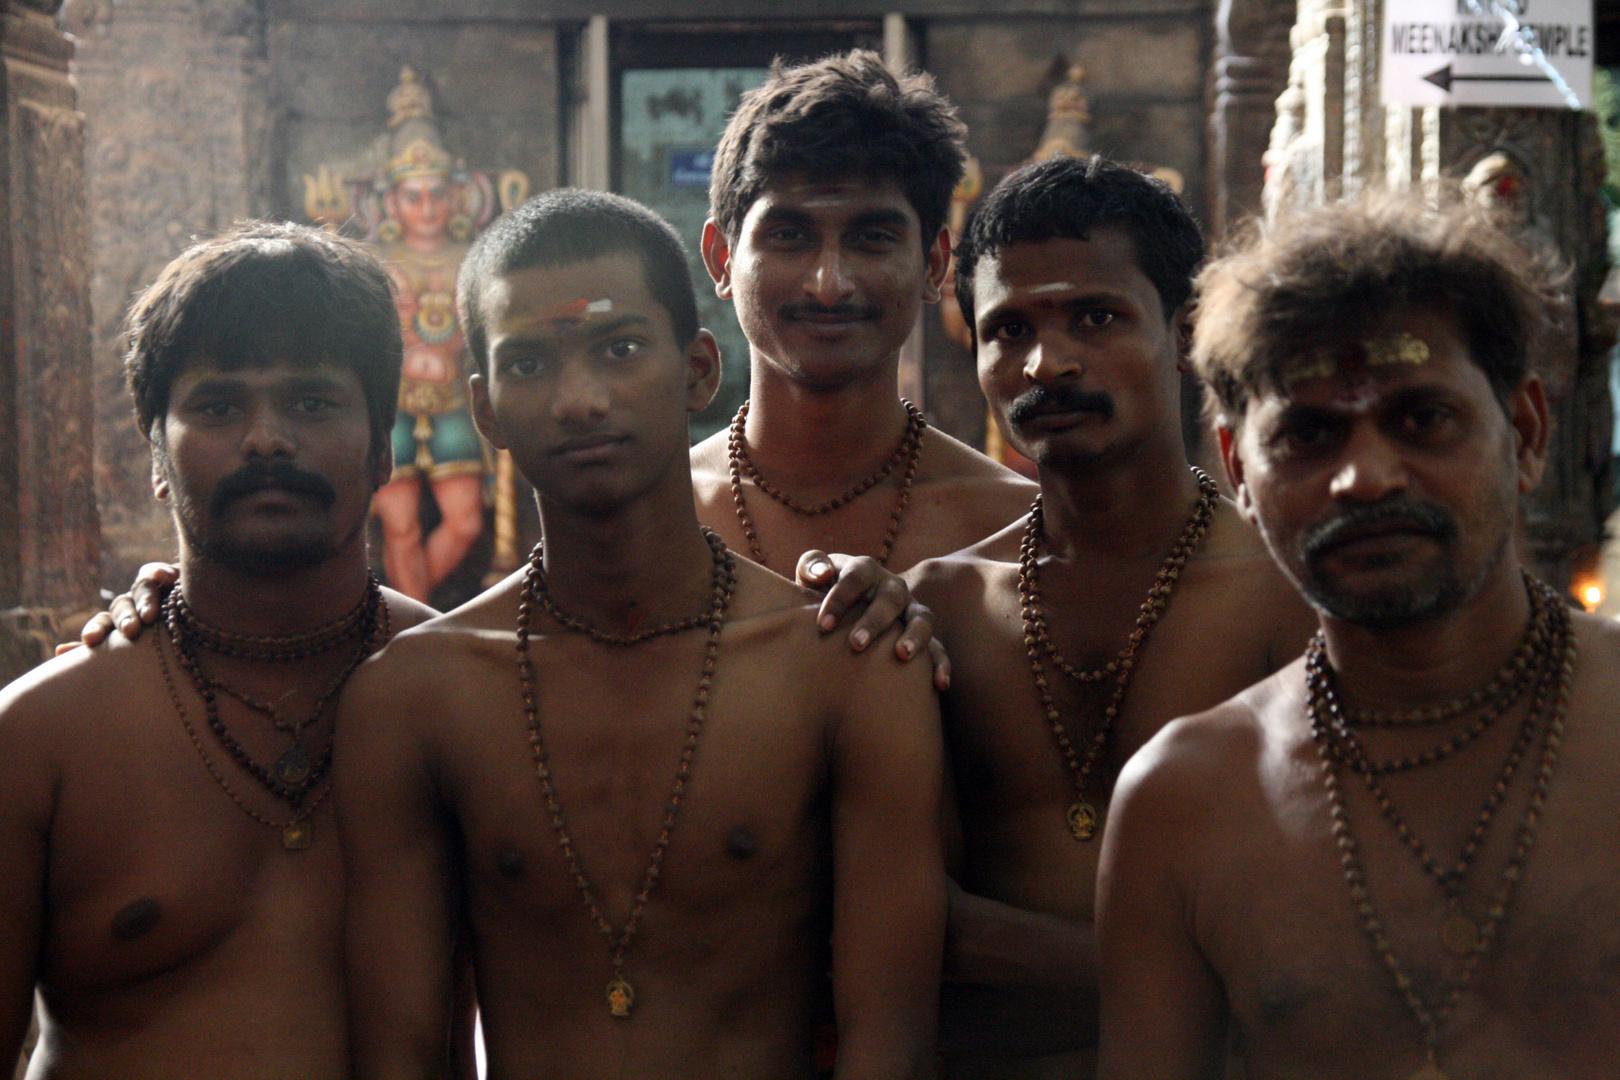 Peregrinos en Madurai